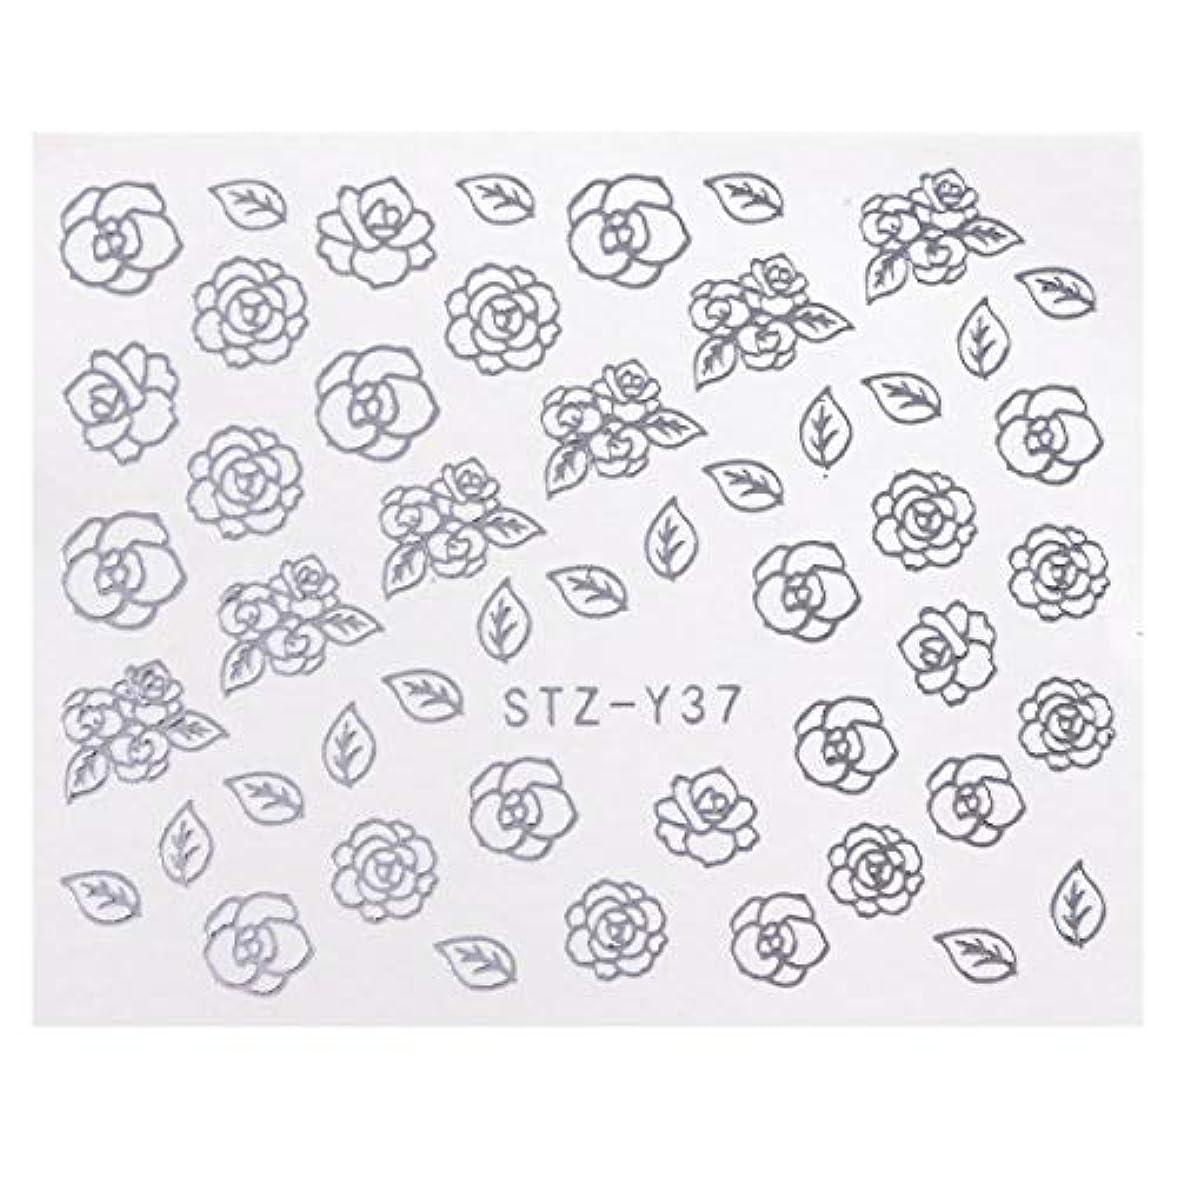 鉛筆有効なたるみSUKTI&XIAO ネイルステッカー 1ピースシルバー水ネイルステッカー花葉猫スライダー転送デカール高貴なレースデザインマニキュアネイルアート装飾、Stzy37スライバー